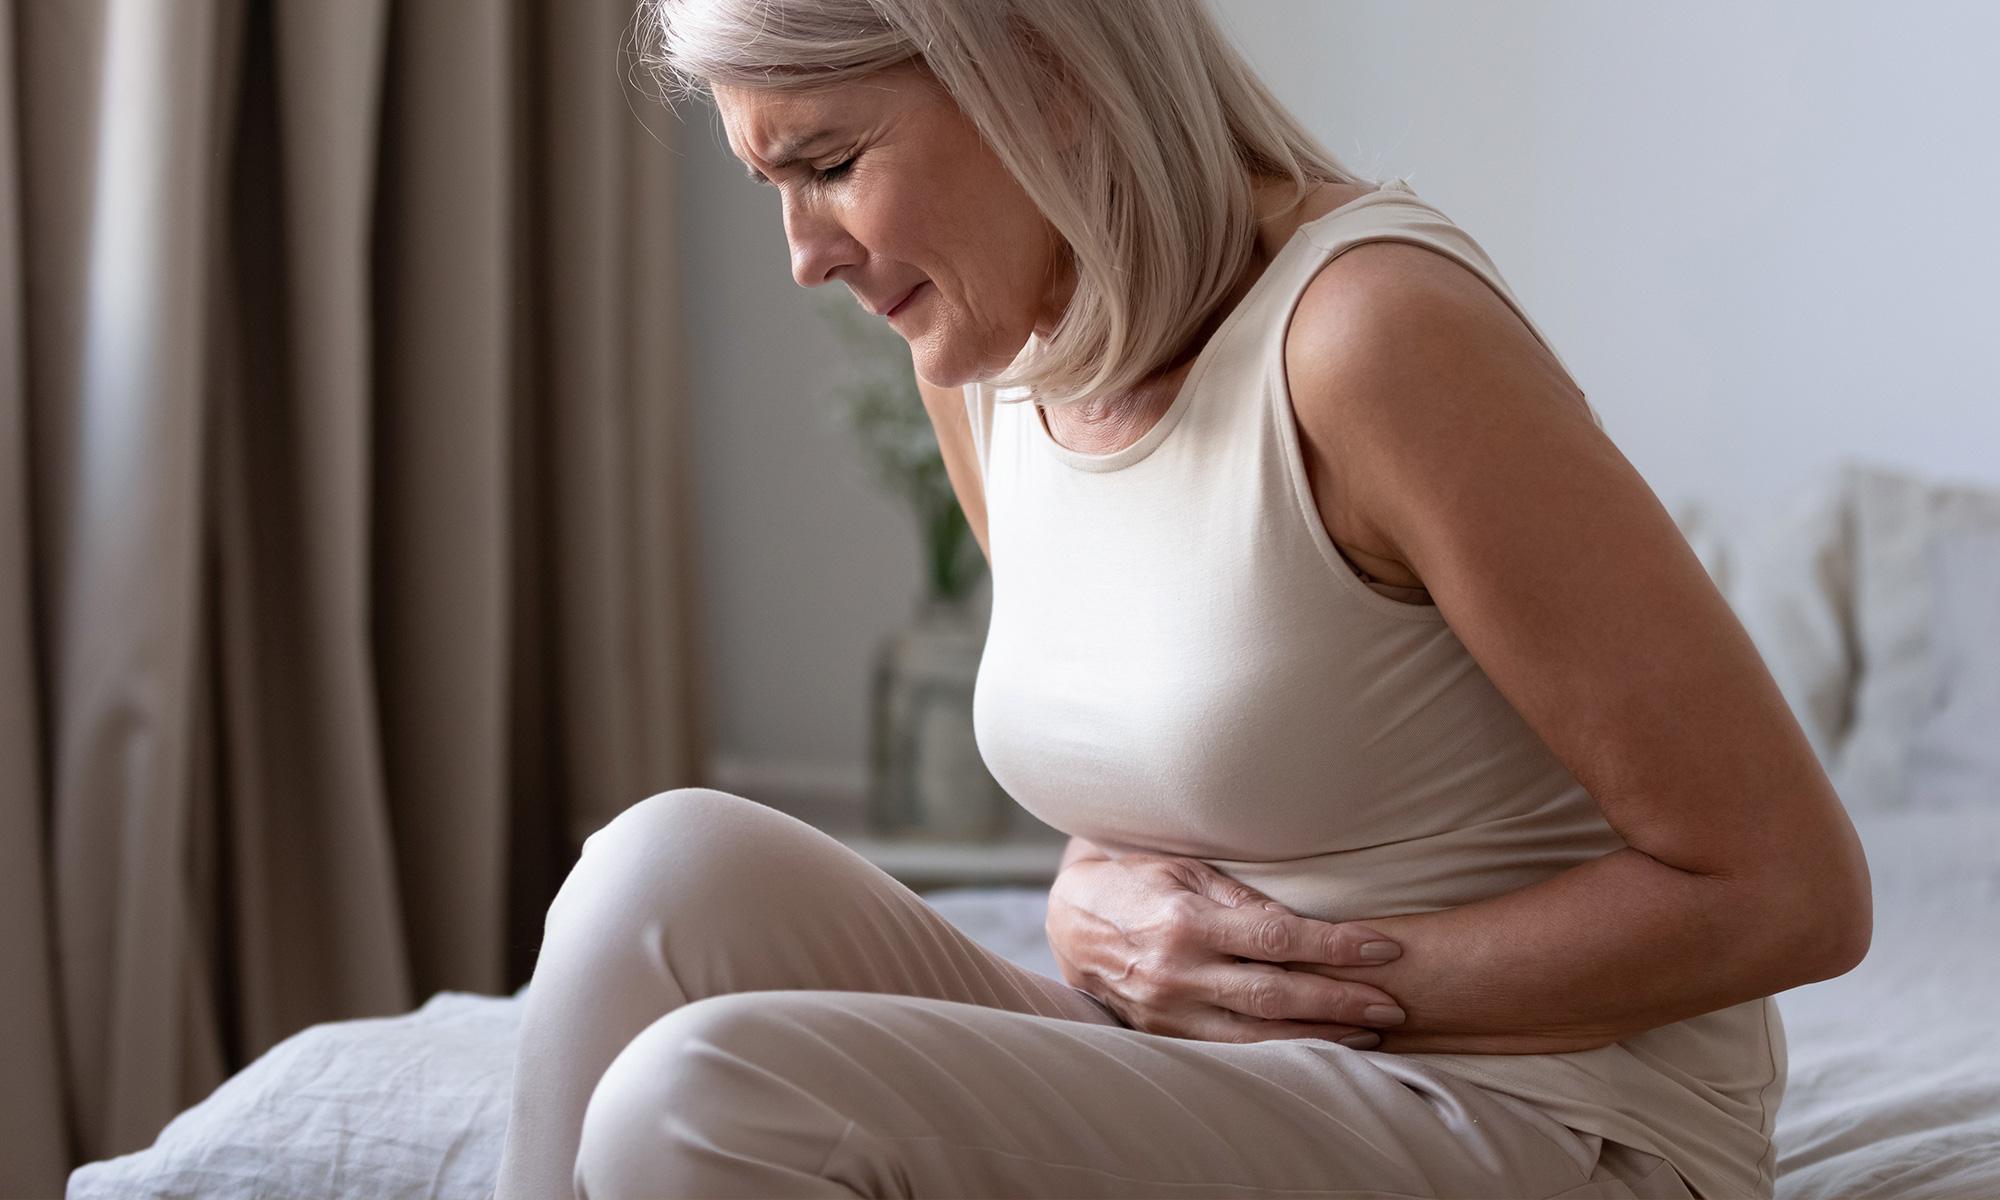 ¿Cómo controlar los gases intestinales? ¡Te ayudamos!